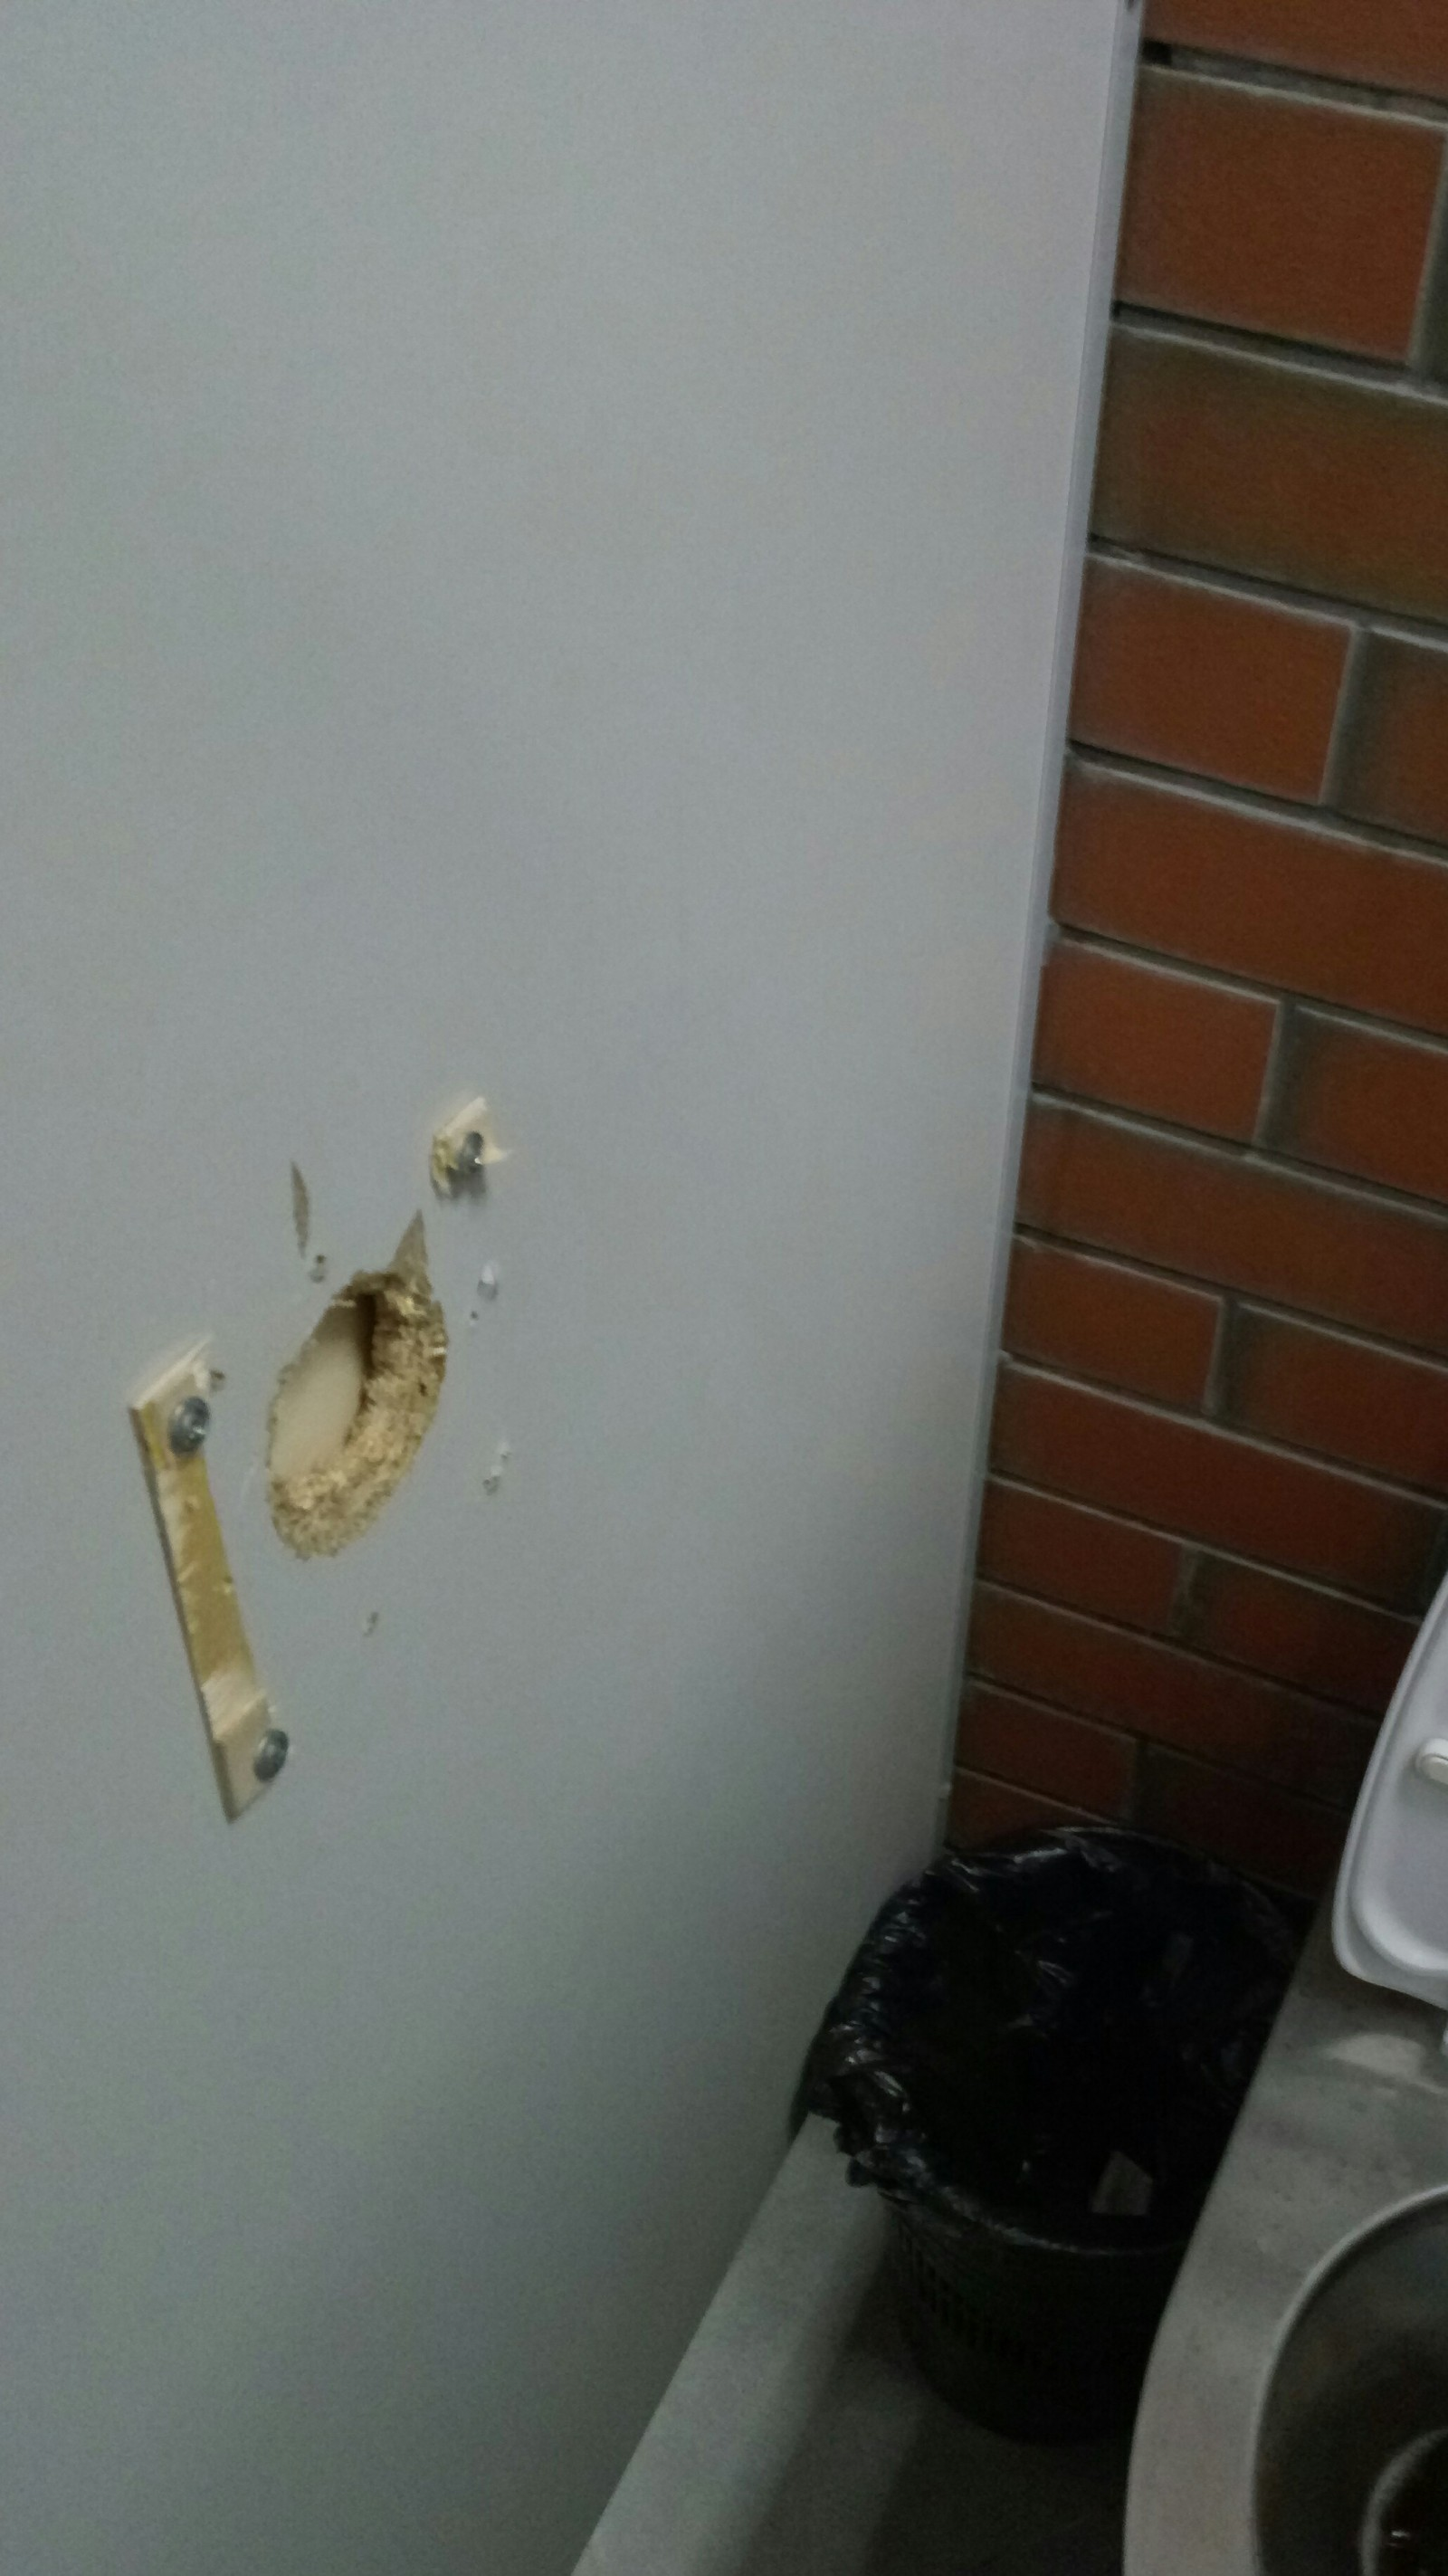 В туалете дырка фото — img 9